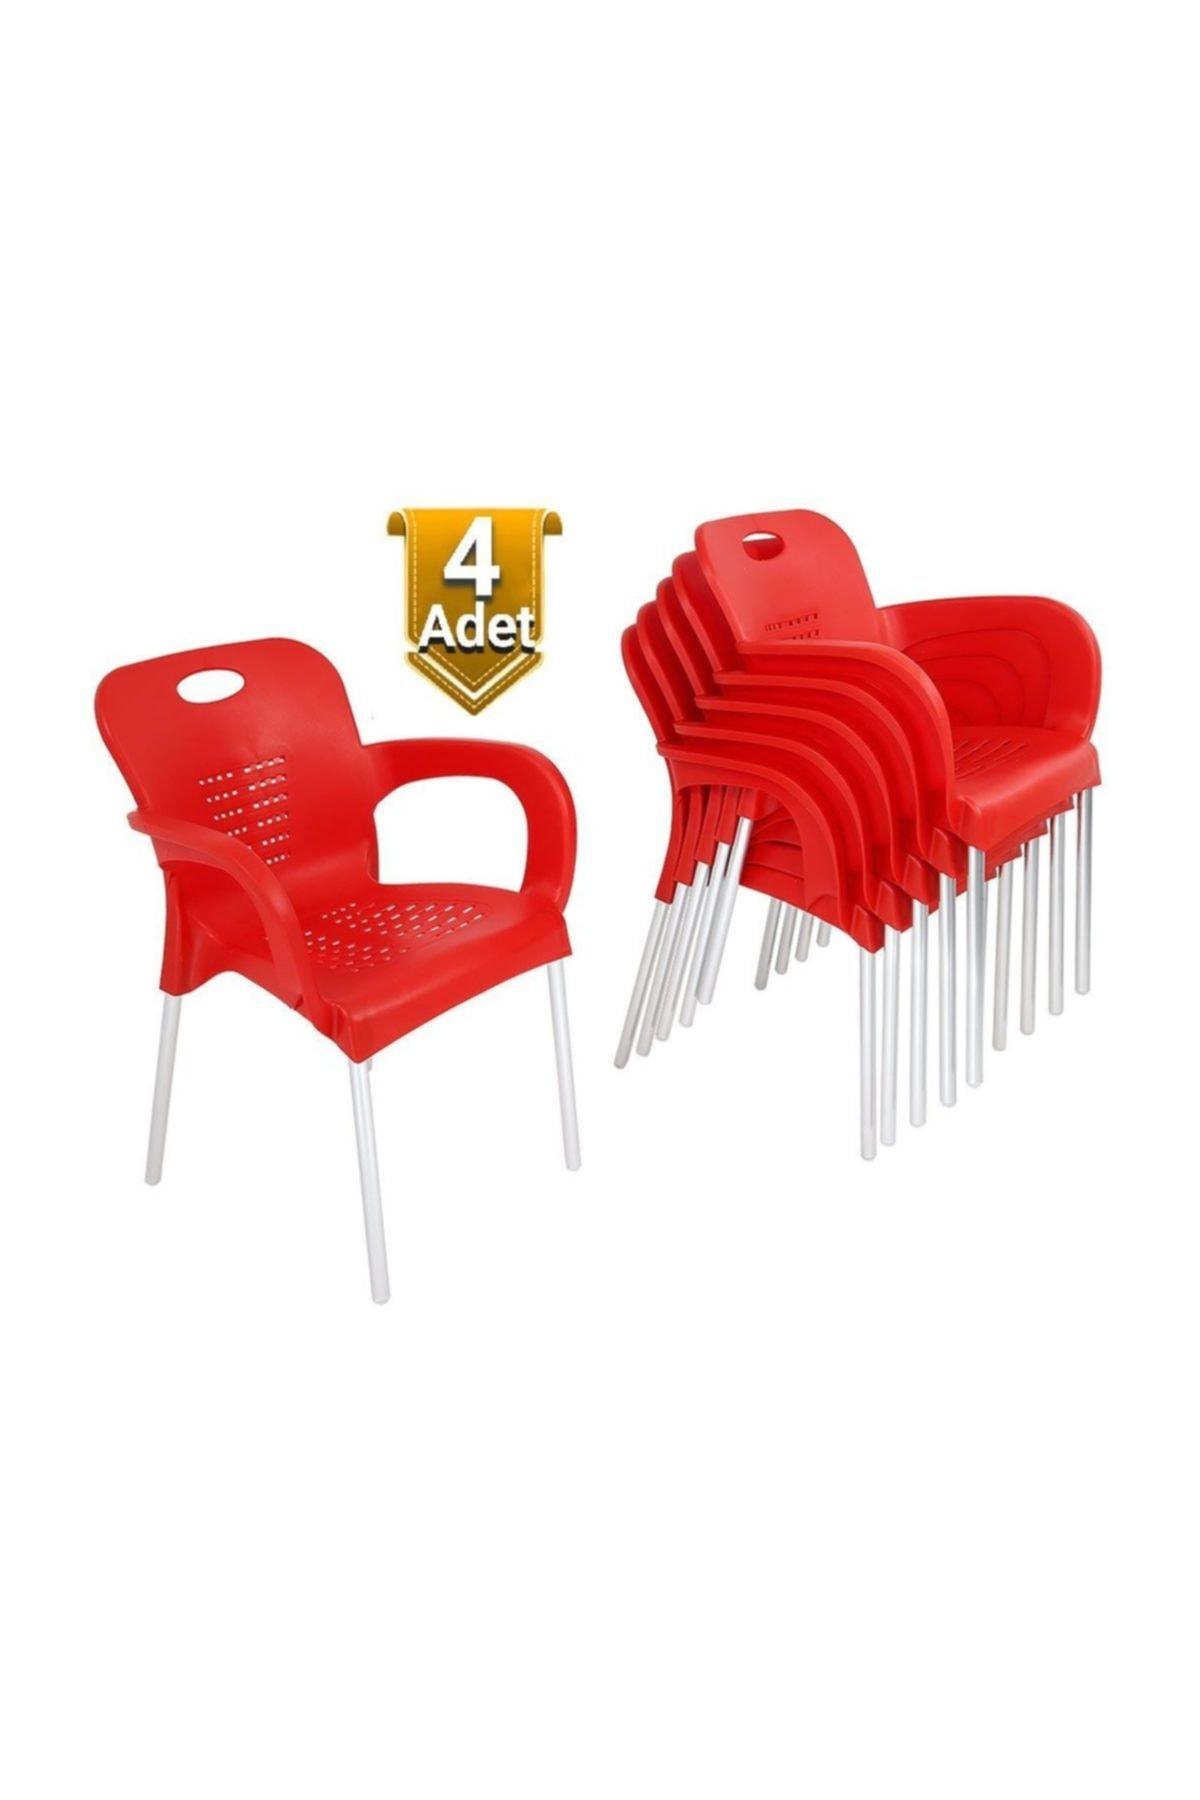 Özel Yapım 4 Adet Çok Sağlam Plastik Sandalye - Uzun Ömürlü - Günün Fırsatı 1